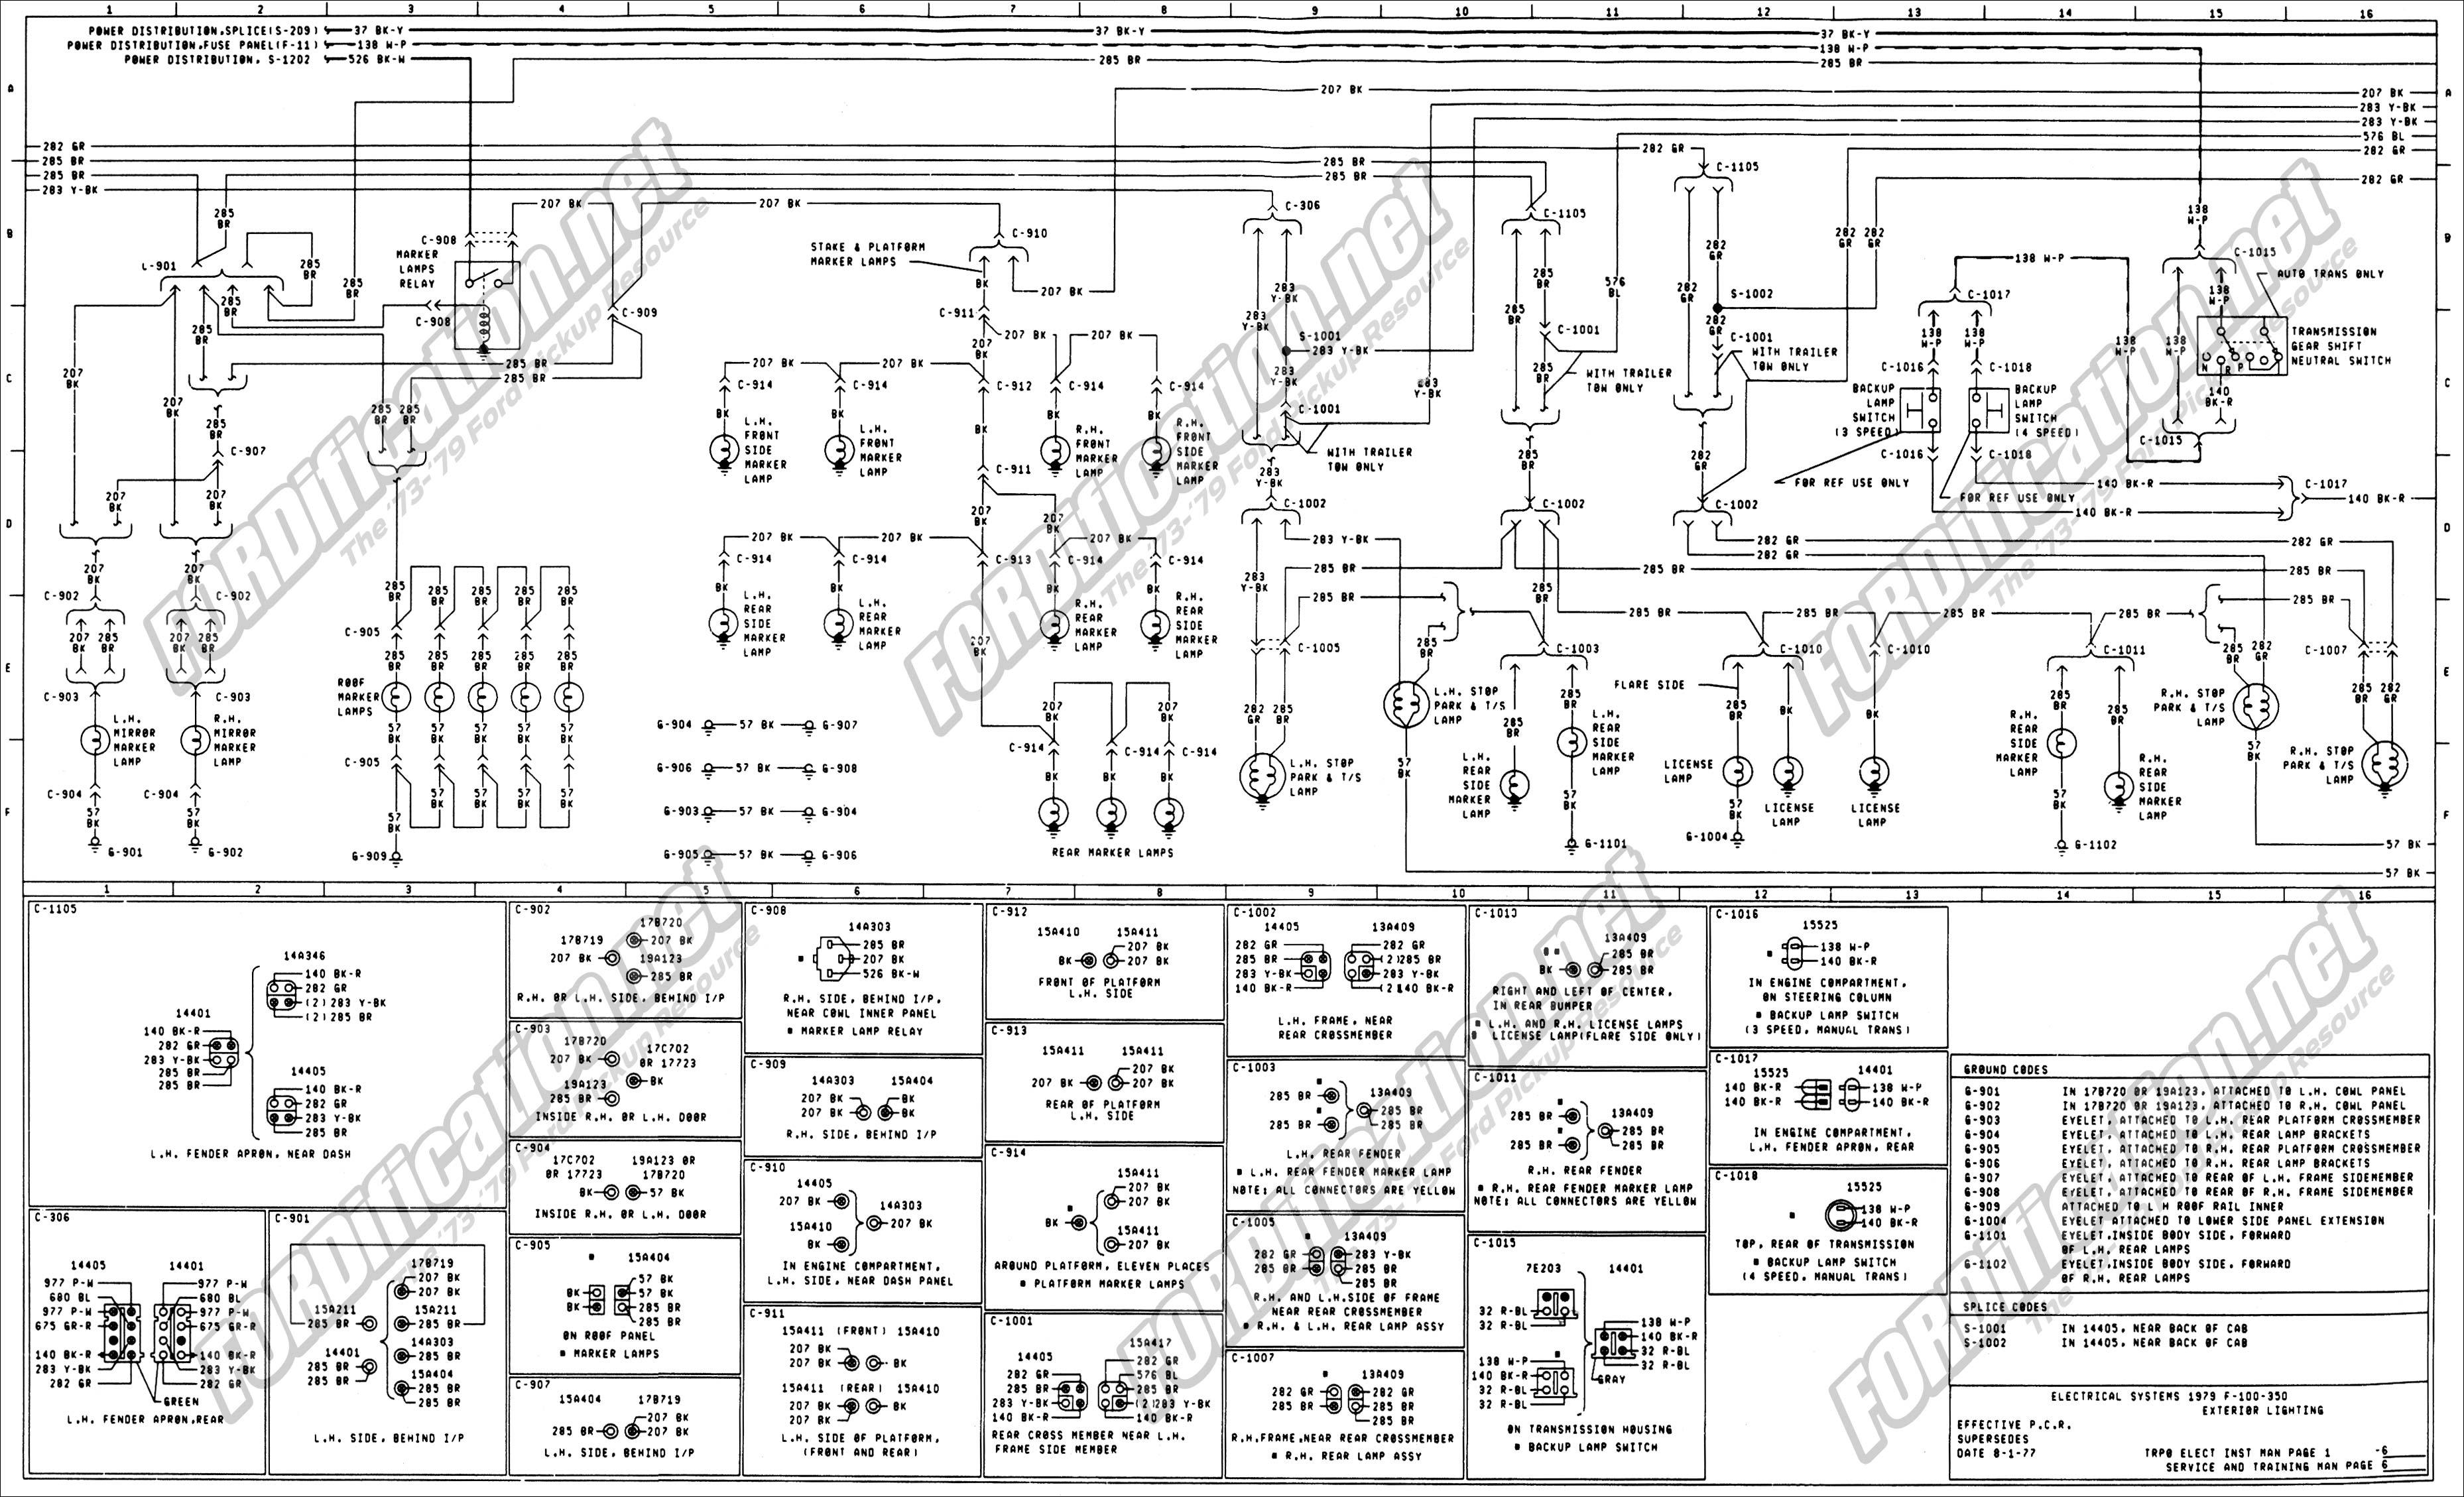 89 f250 fuse box wiring schematic 88 f250 fuse box 01 f 250 fuse box diagram